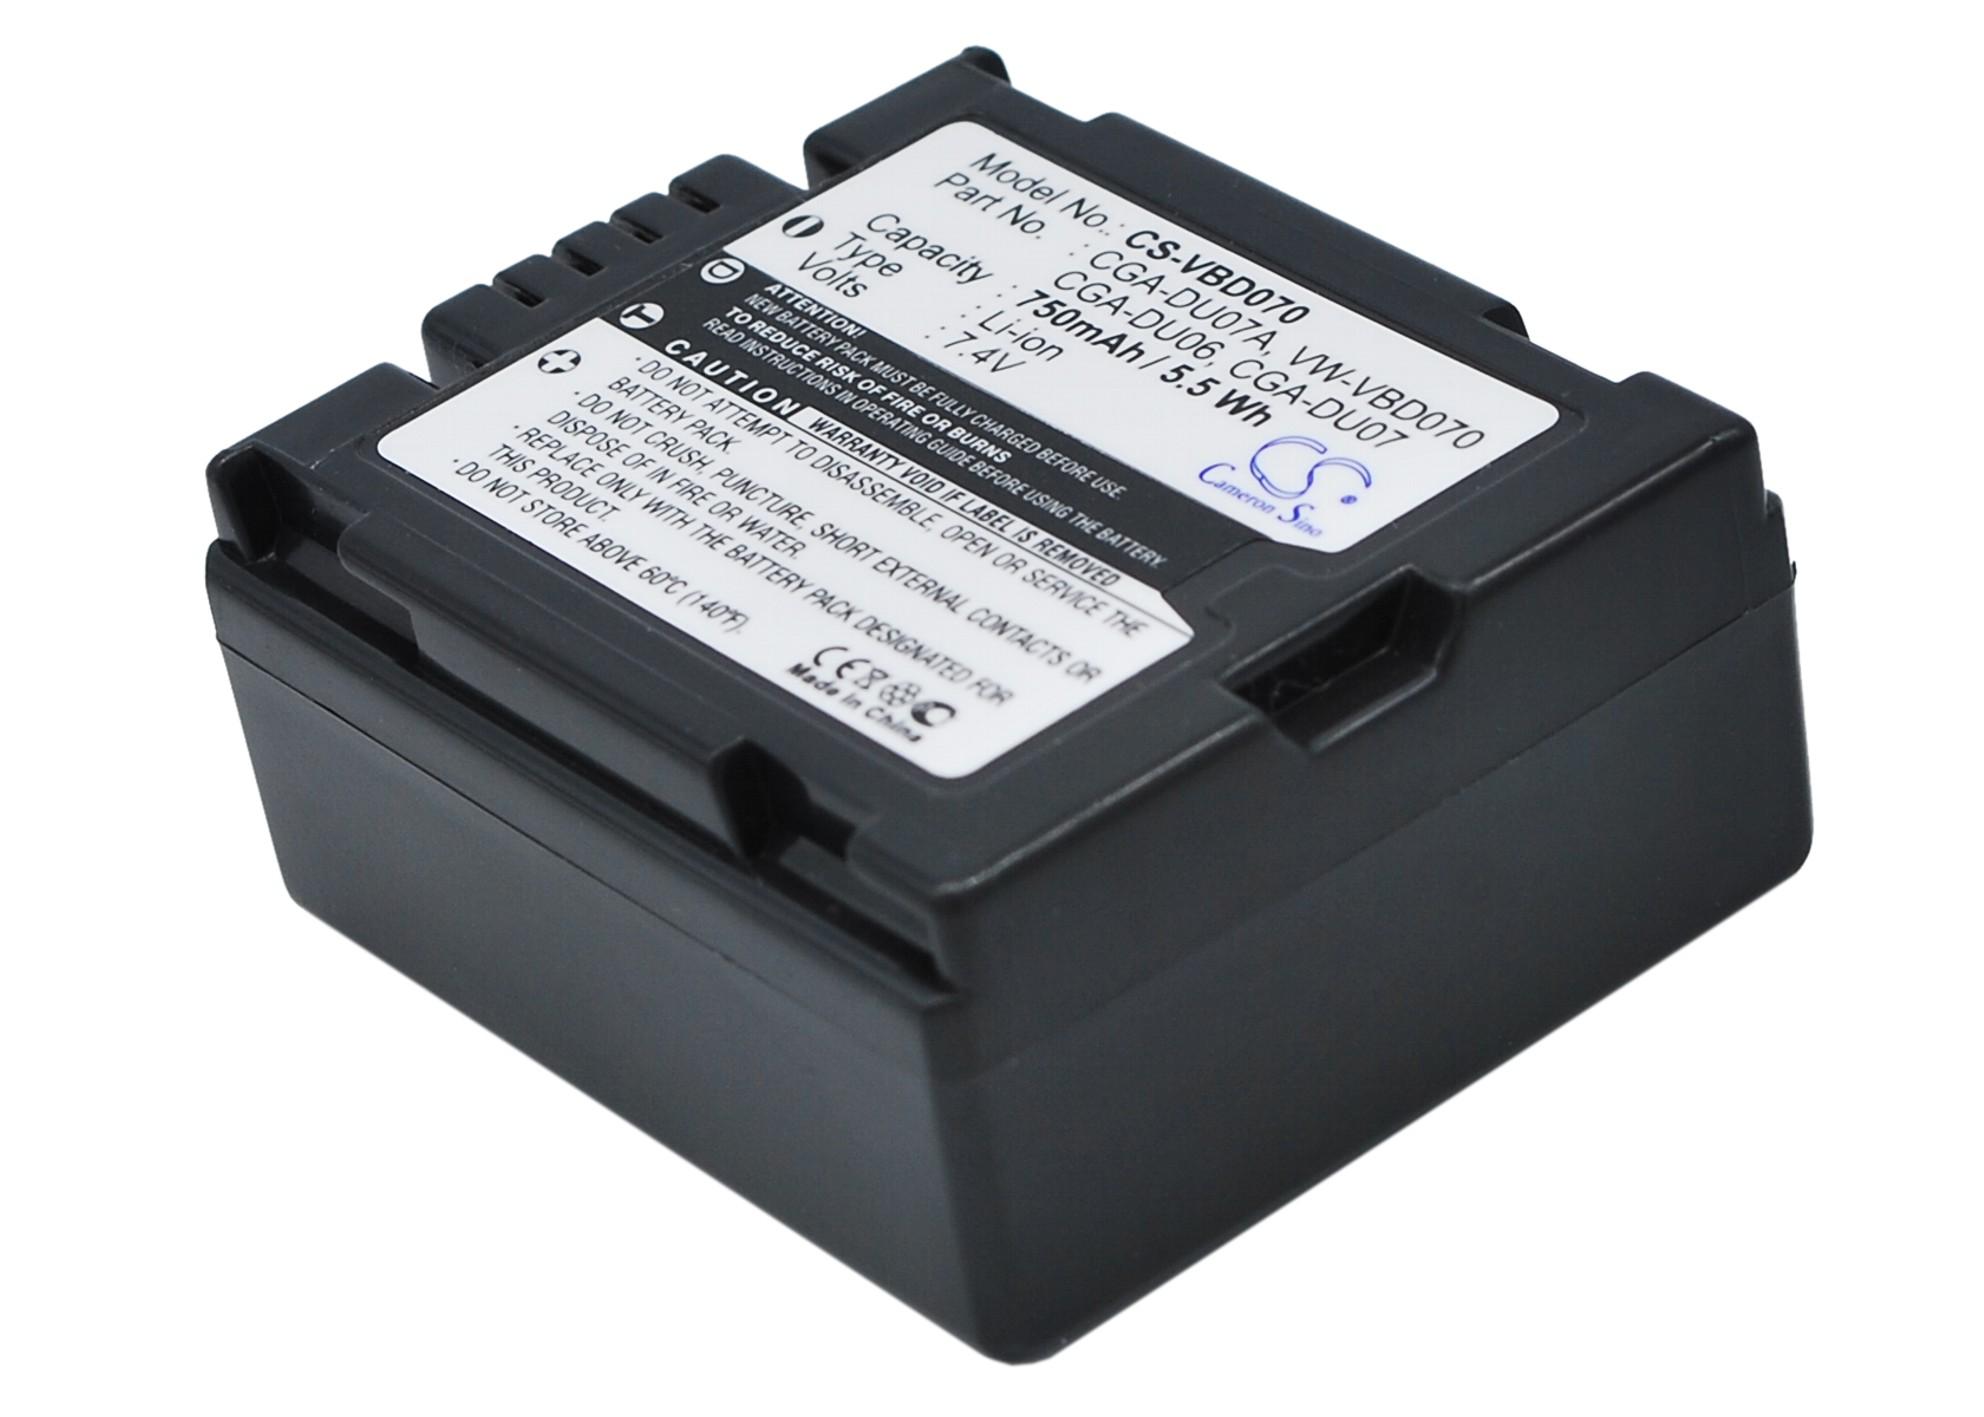 Cameron Sino baterie do kamer a fotoaparátů pro PANASONIC NV-GS230EG-S 7.4V Li-ion 750mAh tmavě šedá - neoriginální